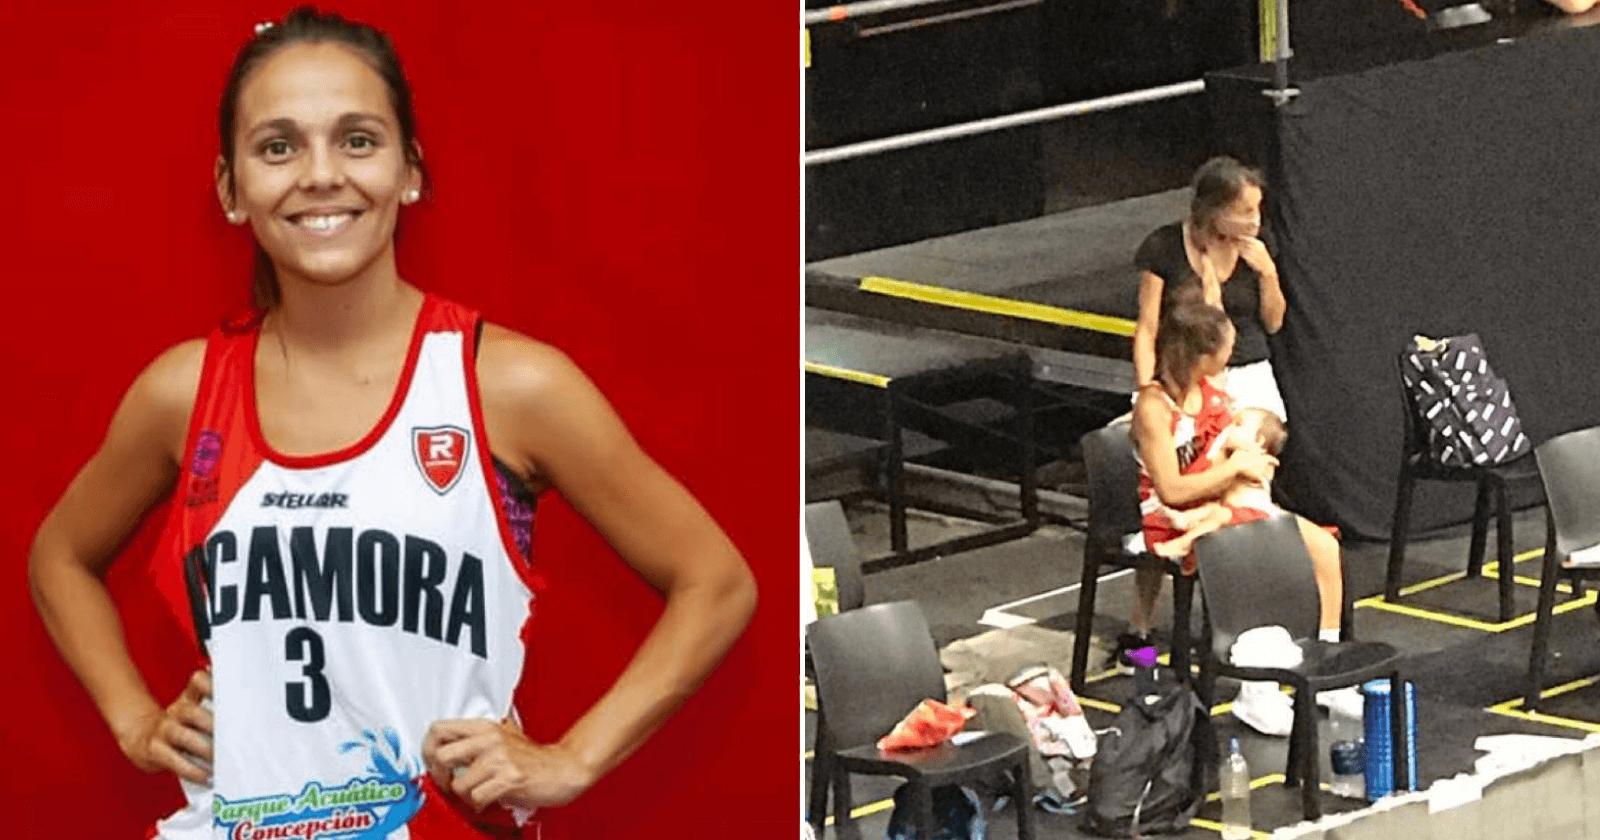 Jogadora de basquete se torna viral ao aparecer em fotografias amamentando durante intervalo